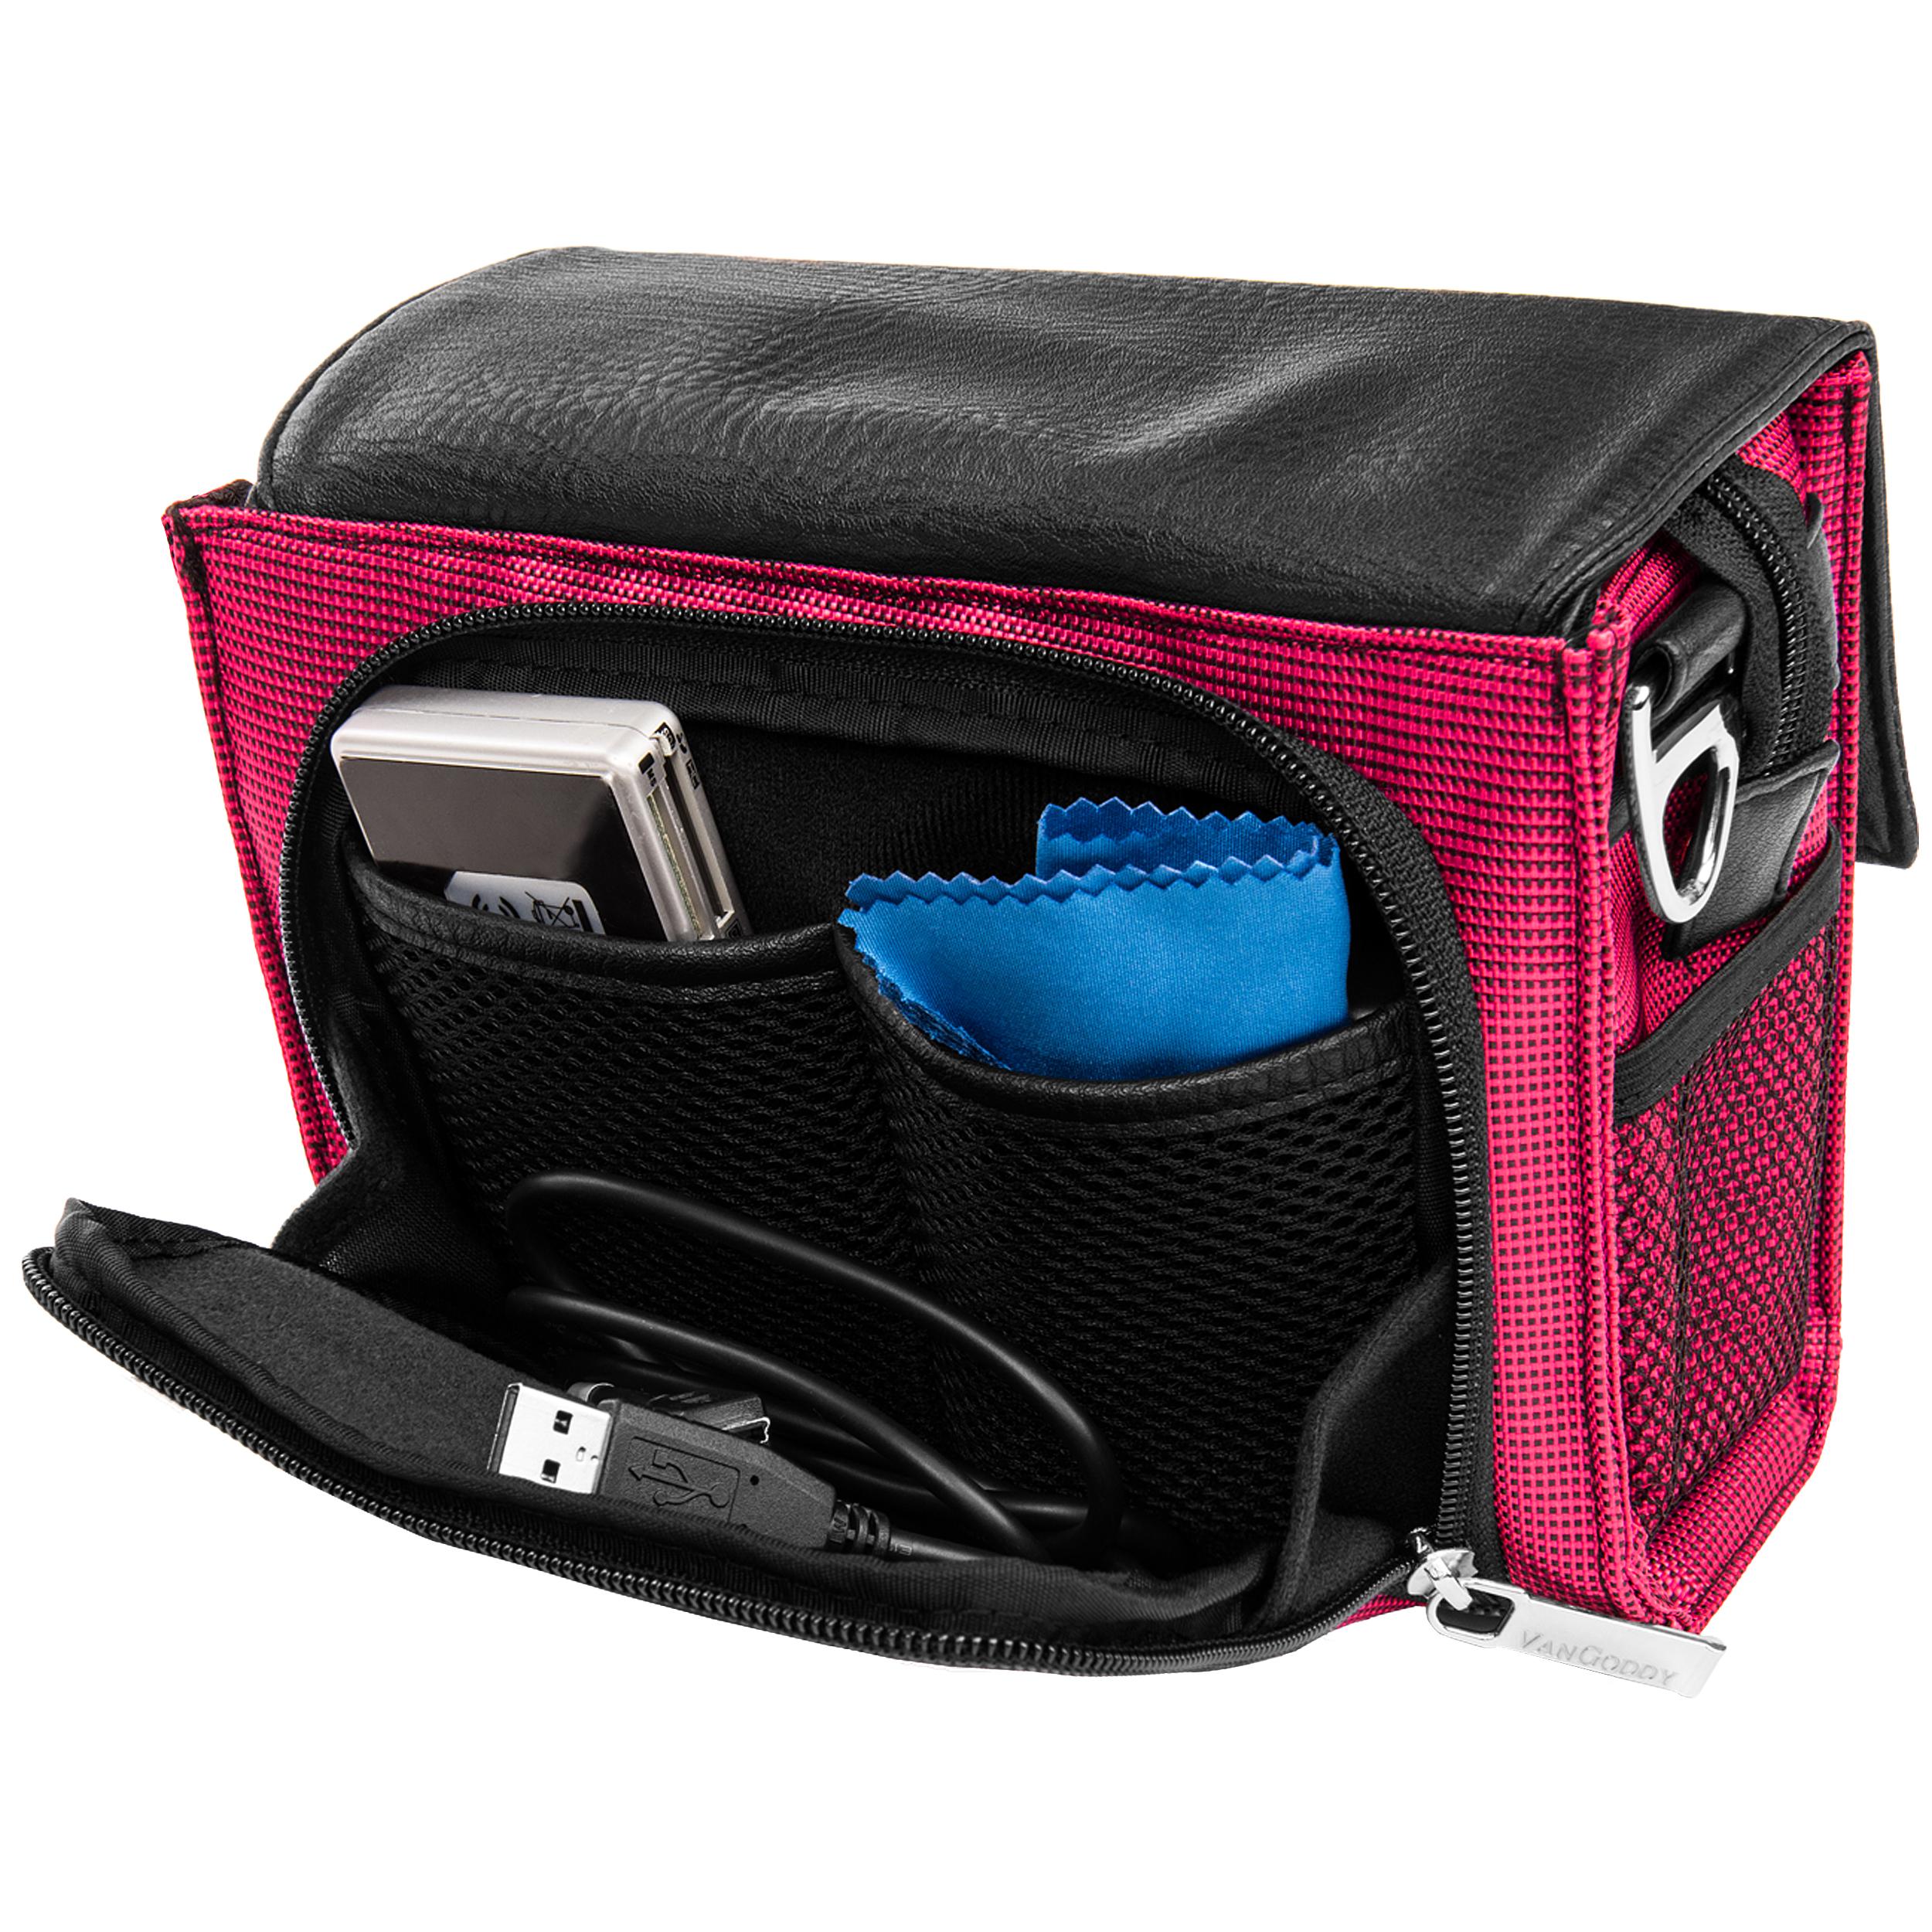 Metric Camera Bag (Magenta)